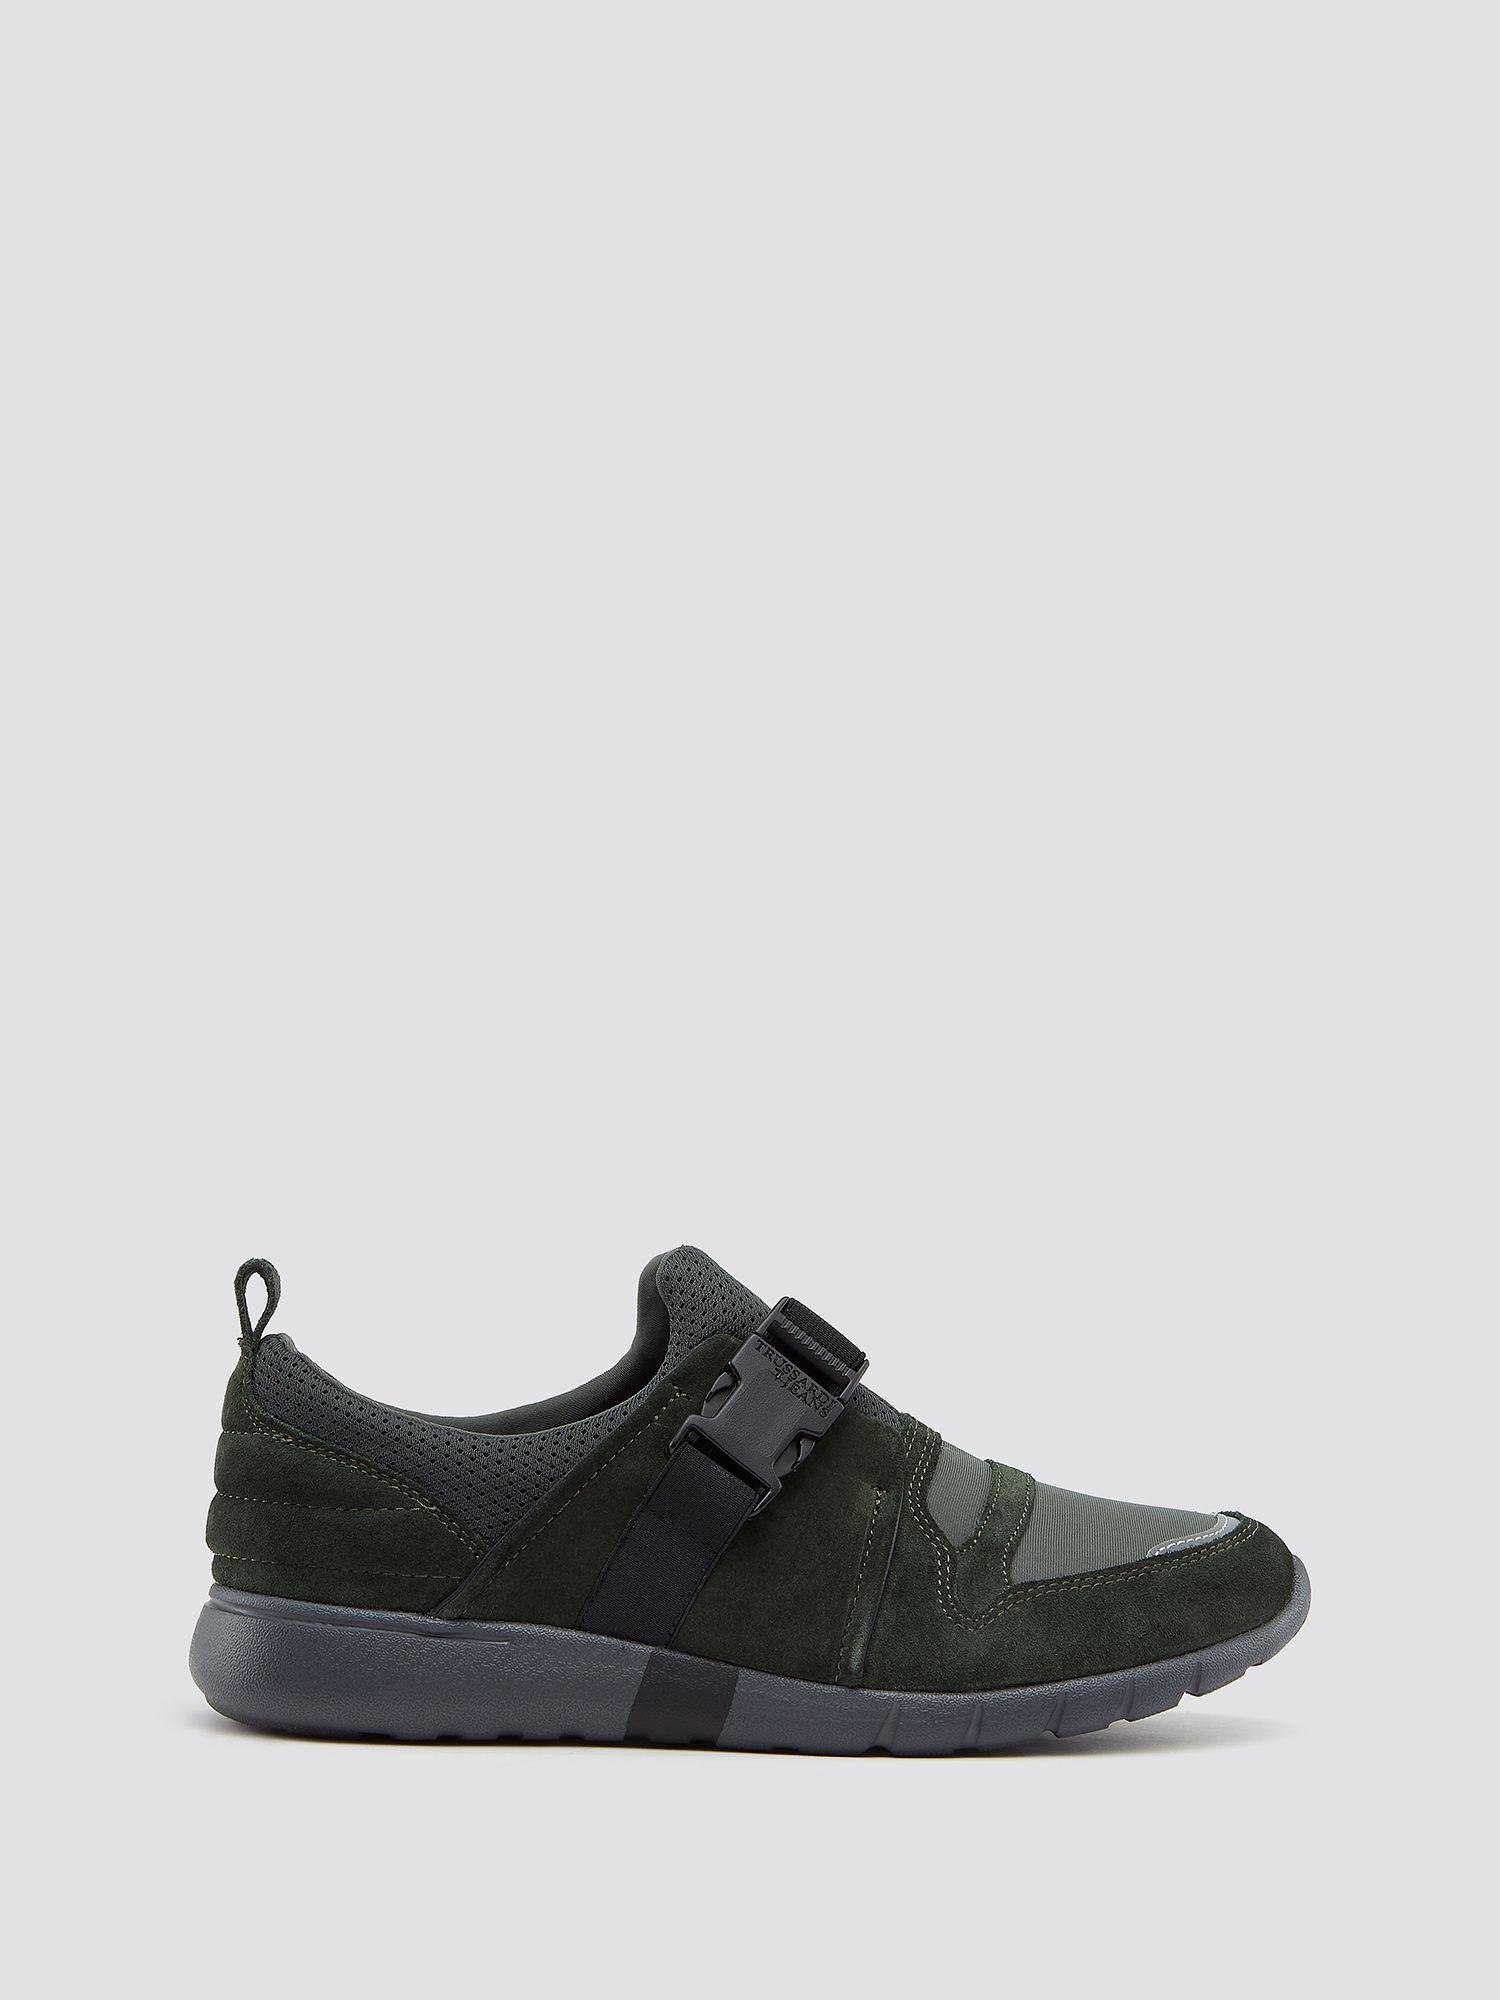 Pour Pour Chaussures Pour Hommes Hommes Hommes Chaussures Pour Chaussures Chaussures n4q7wq1x